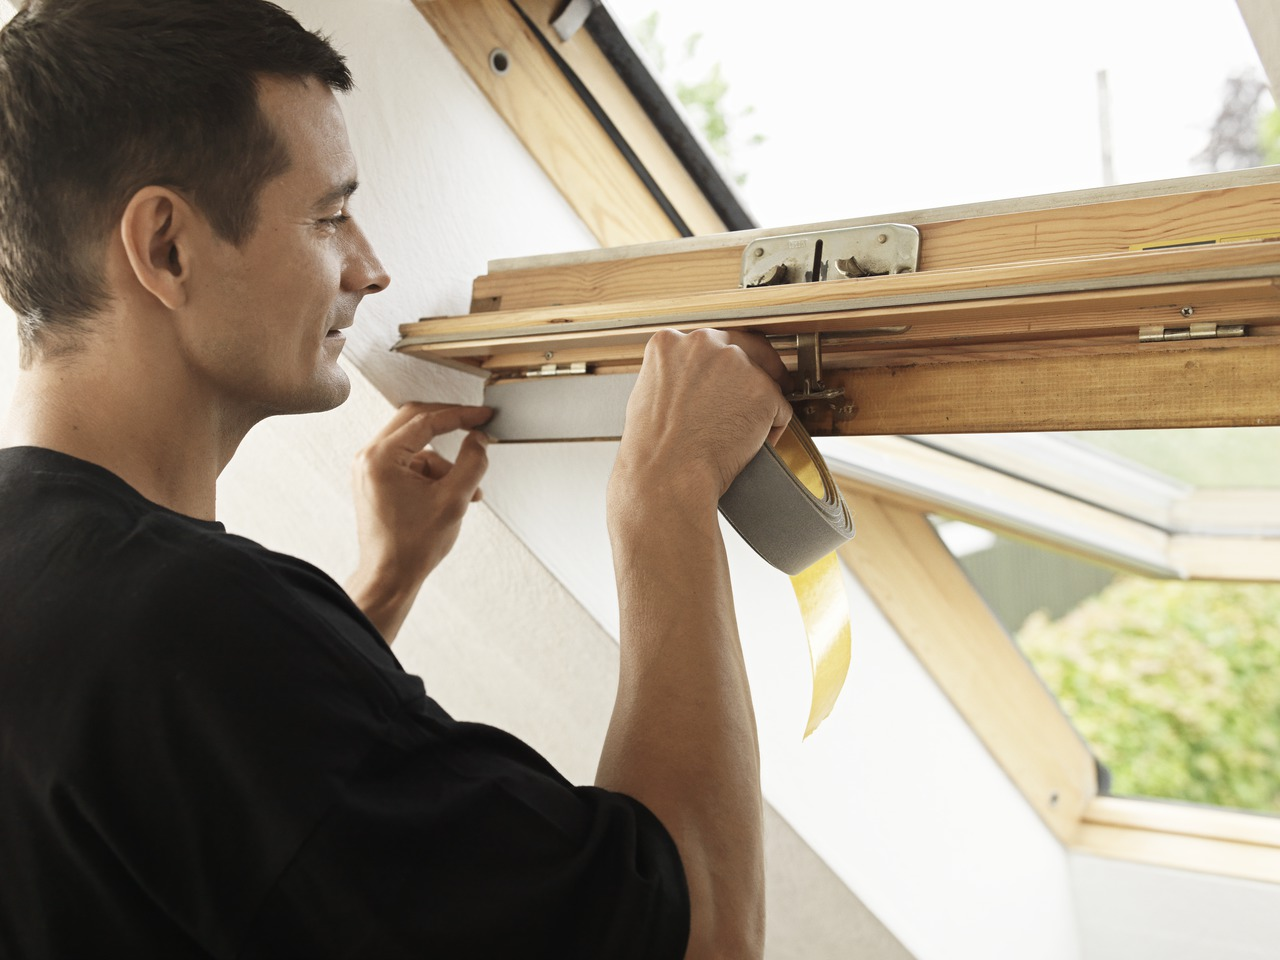 Come fare la giusta manutenzione ai serramenti for Finestre velux su amazon